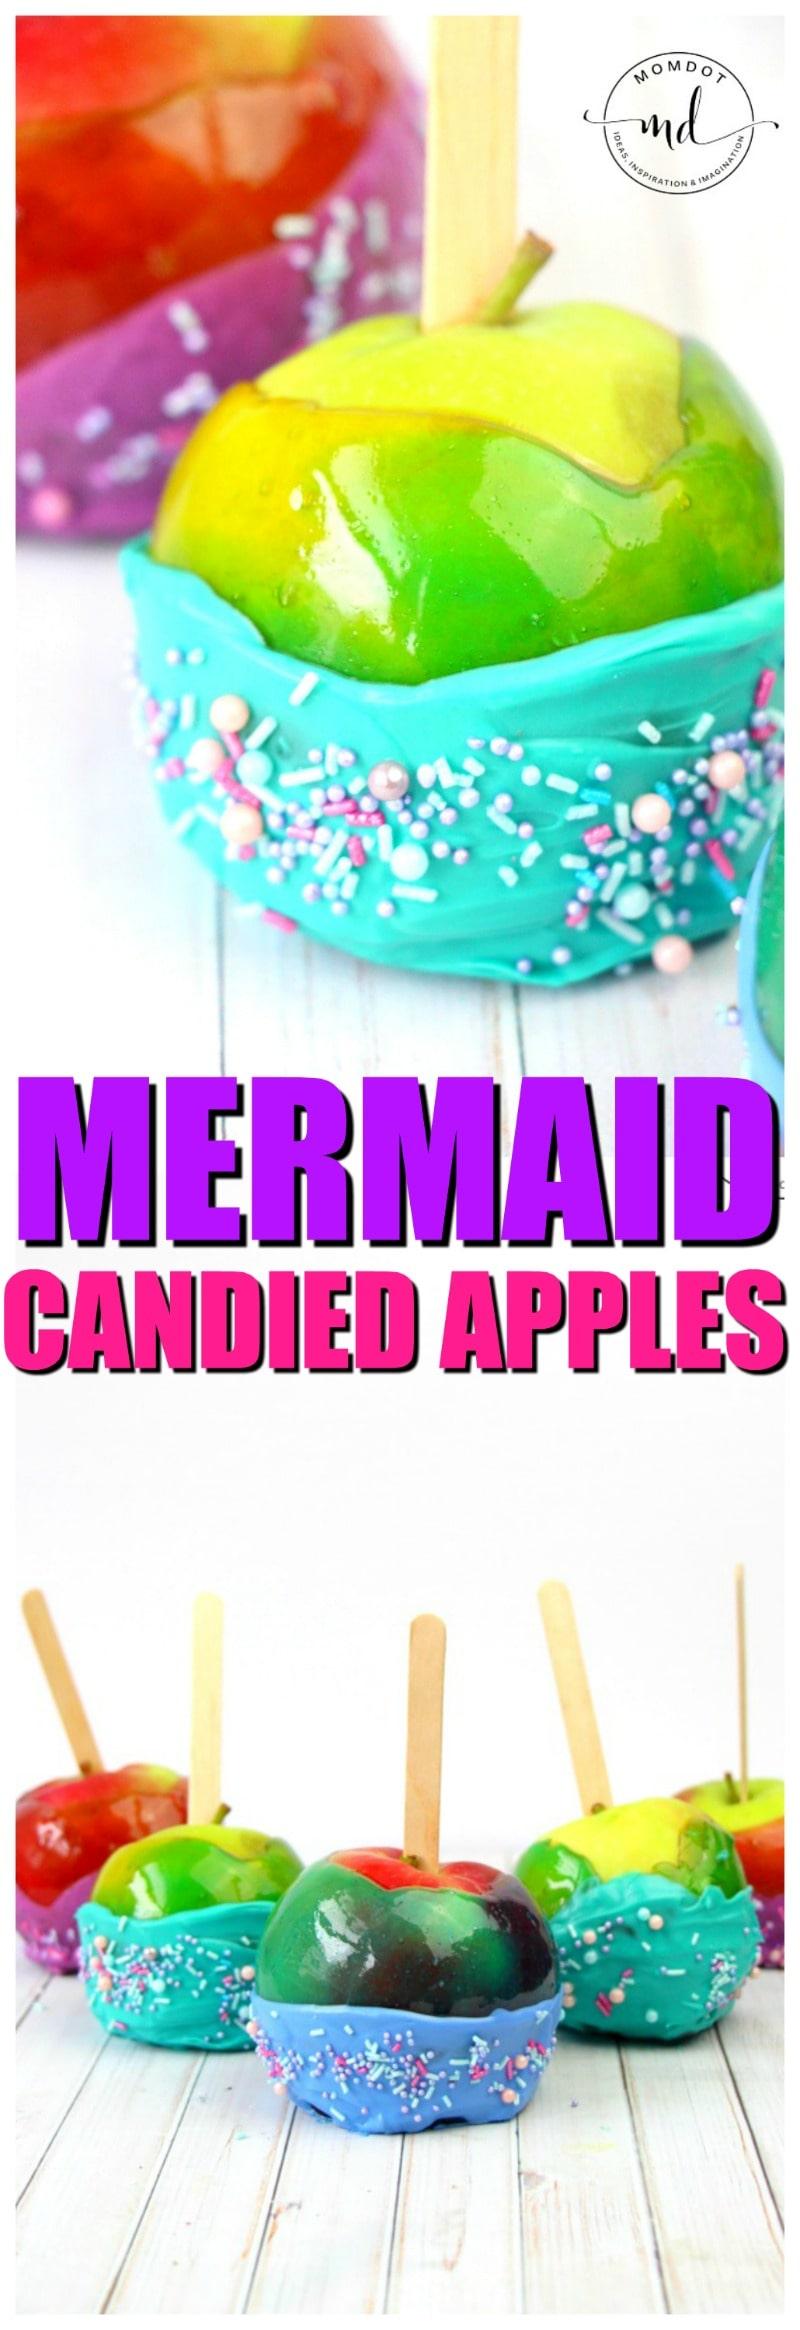 mermaid candied apples